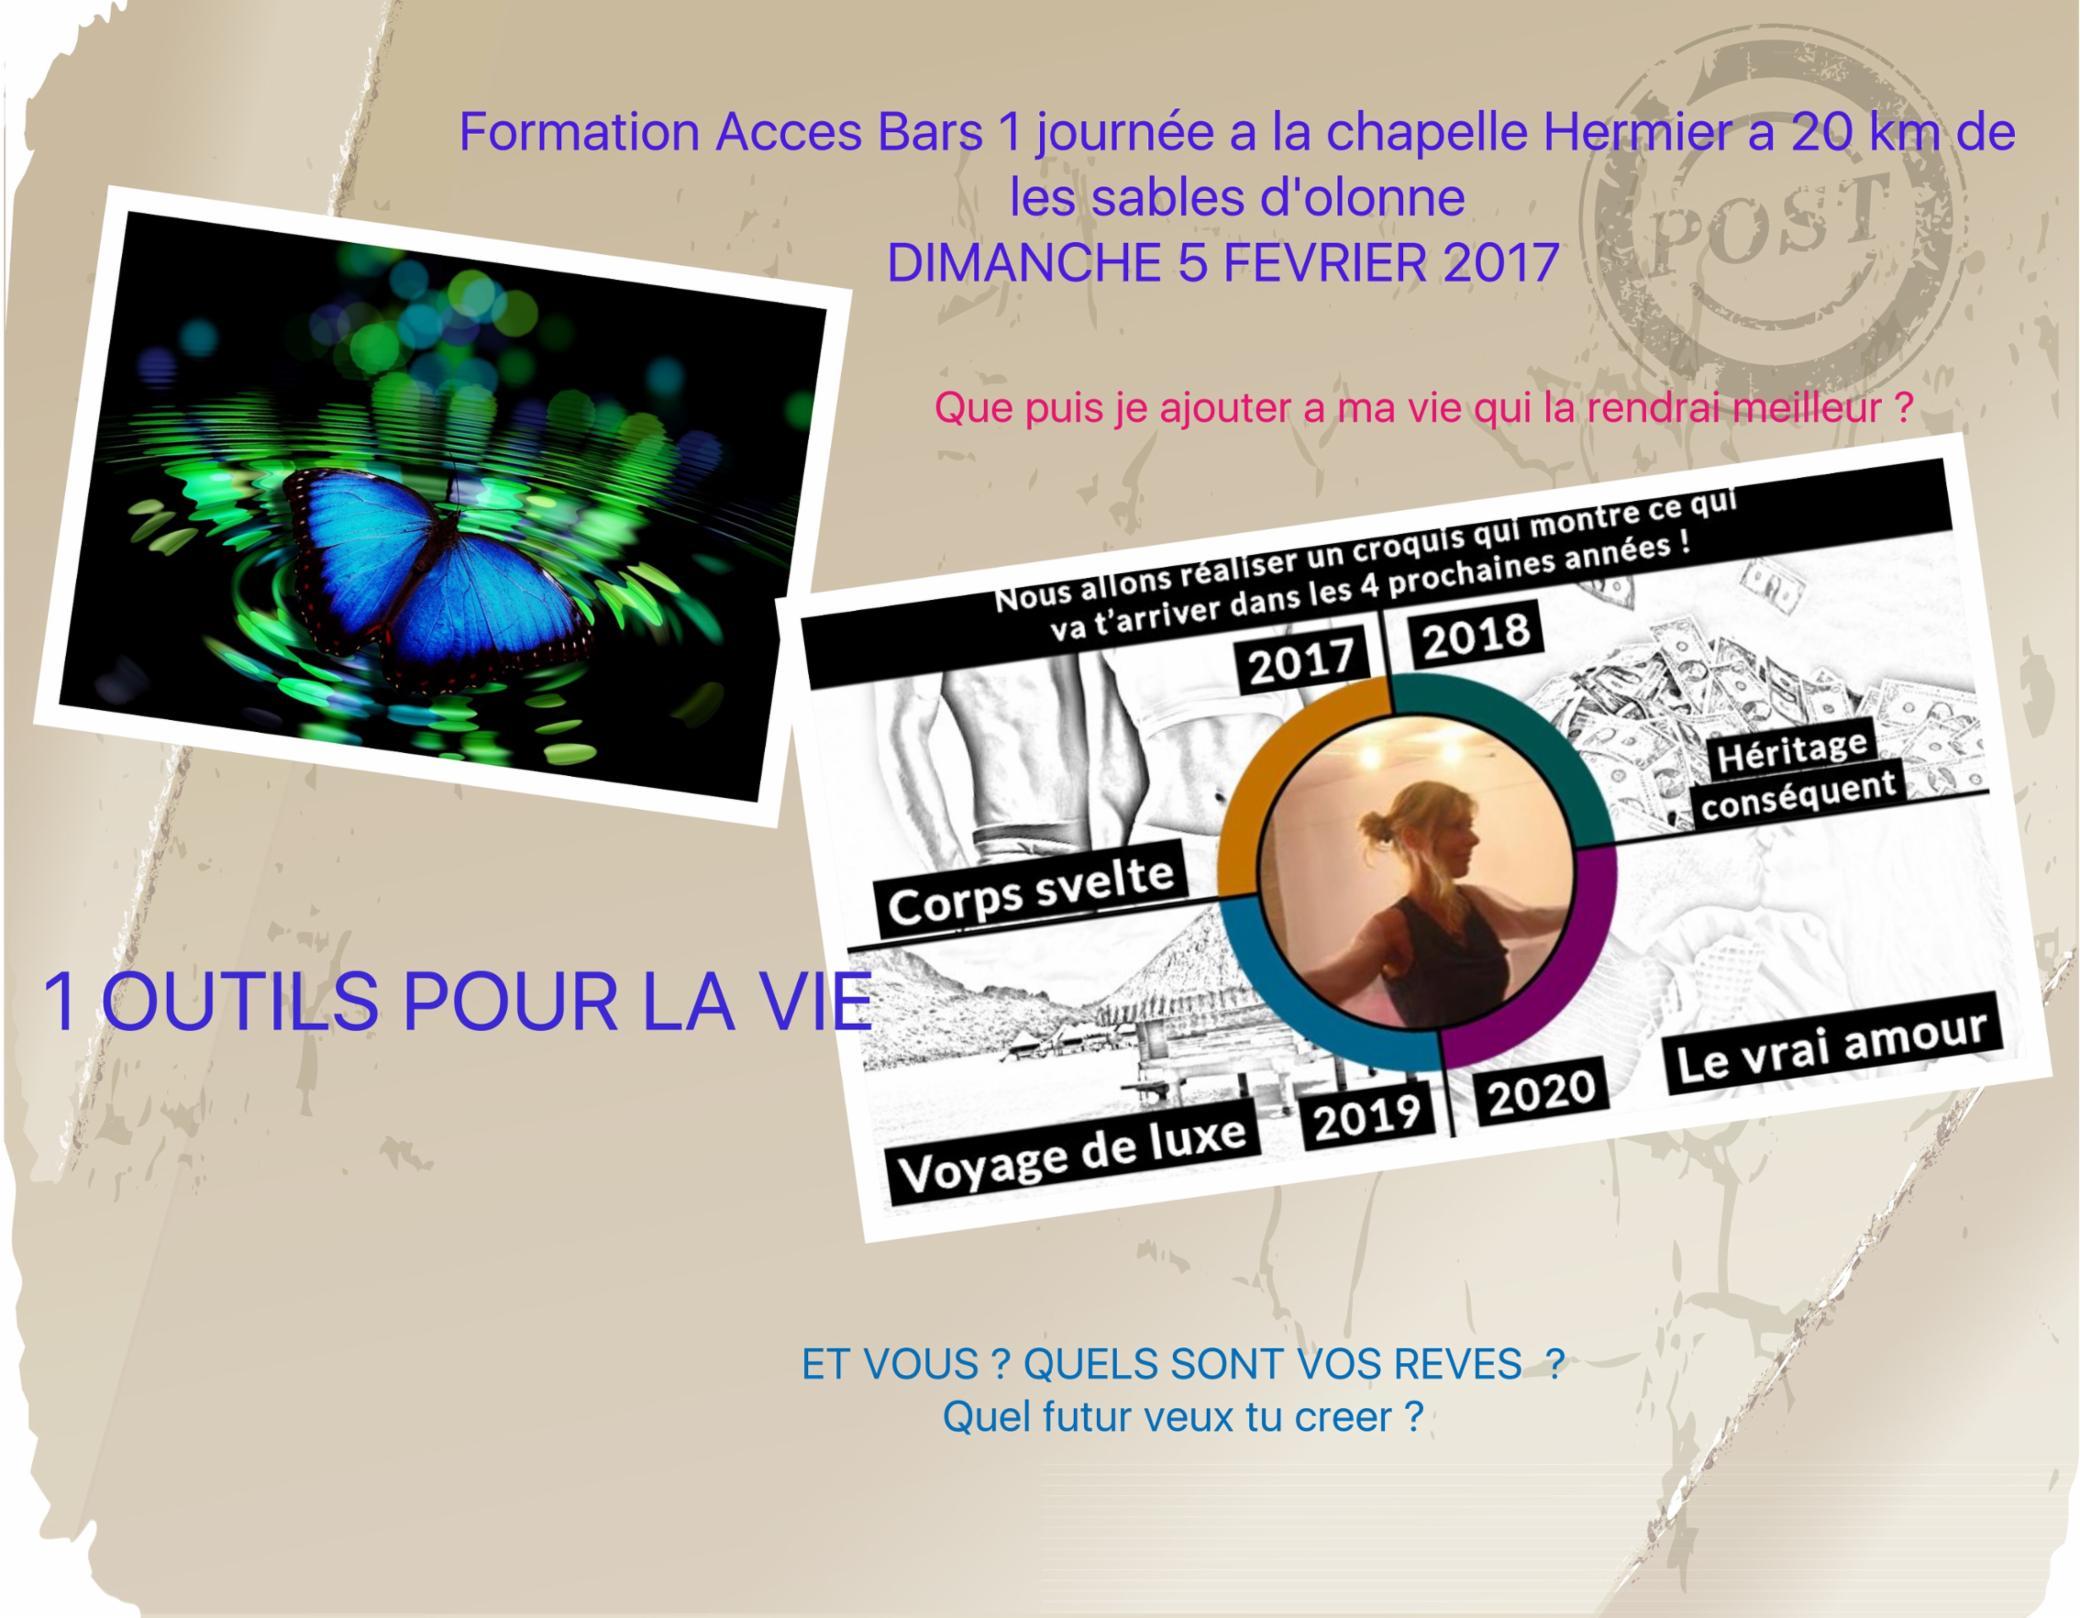 Formation Access Bars dimanche 5 fevrier 2017 la Chapelle Hermier 20 KM des sables d'olonne